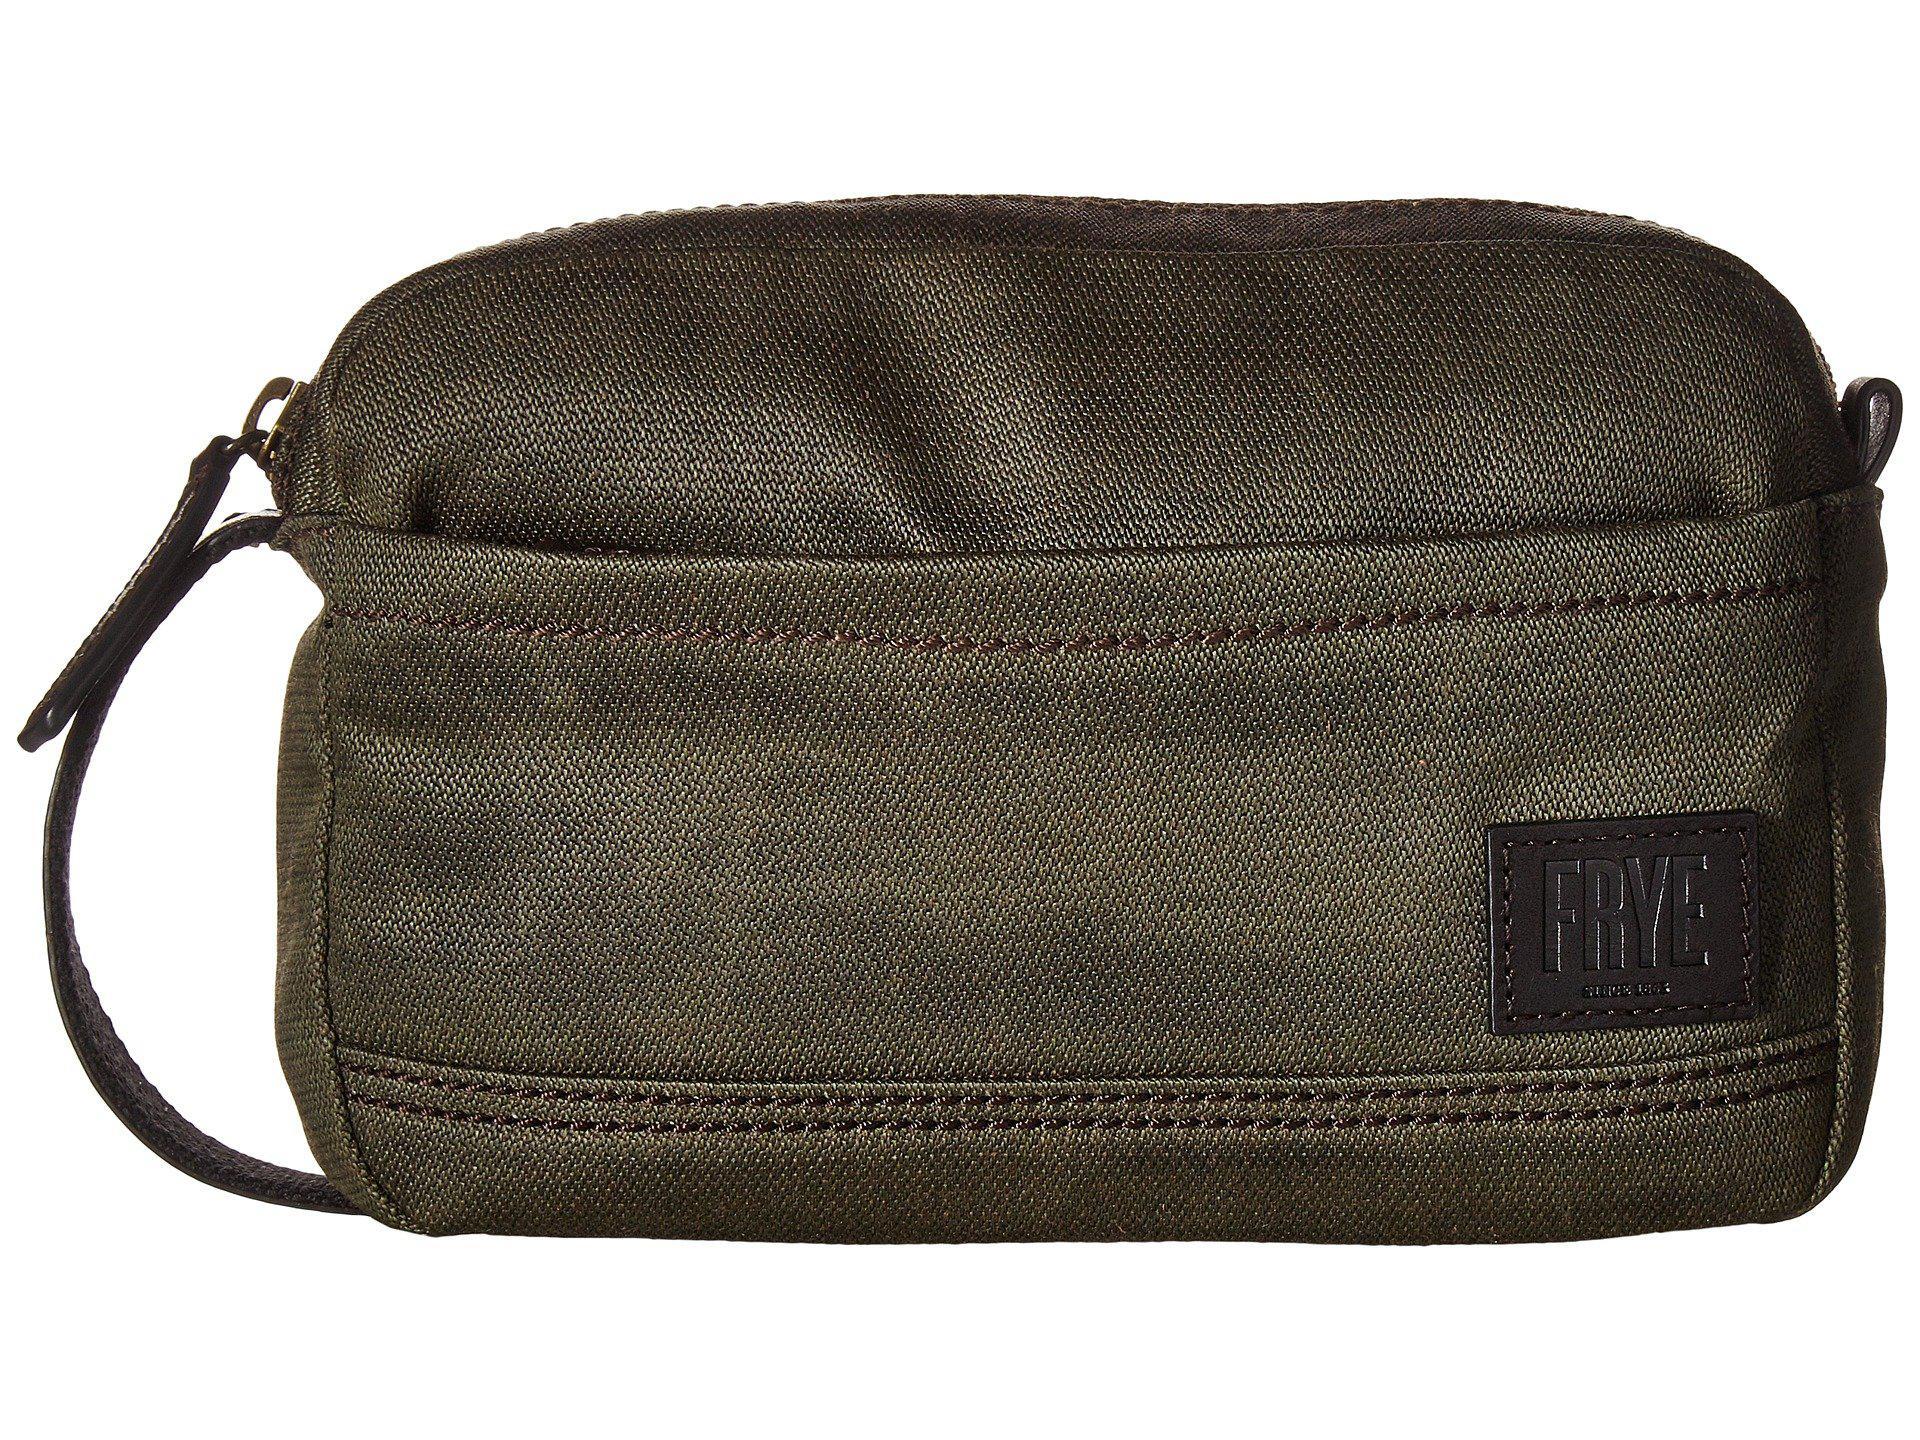 6be92b1a34 Lyst - Frye Carter Slim Kit for Men